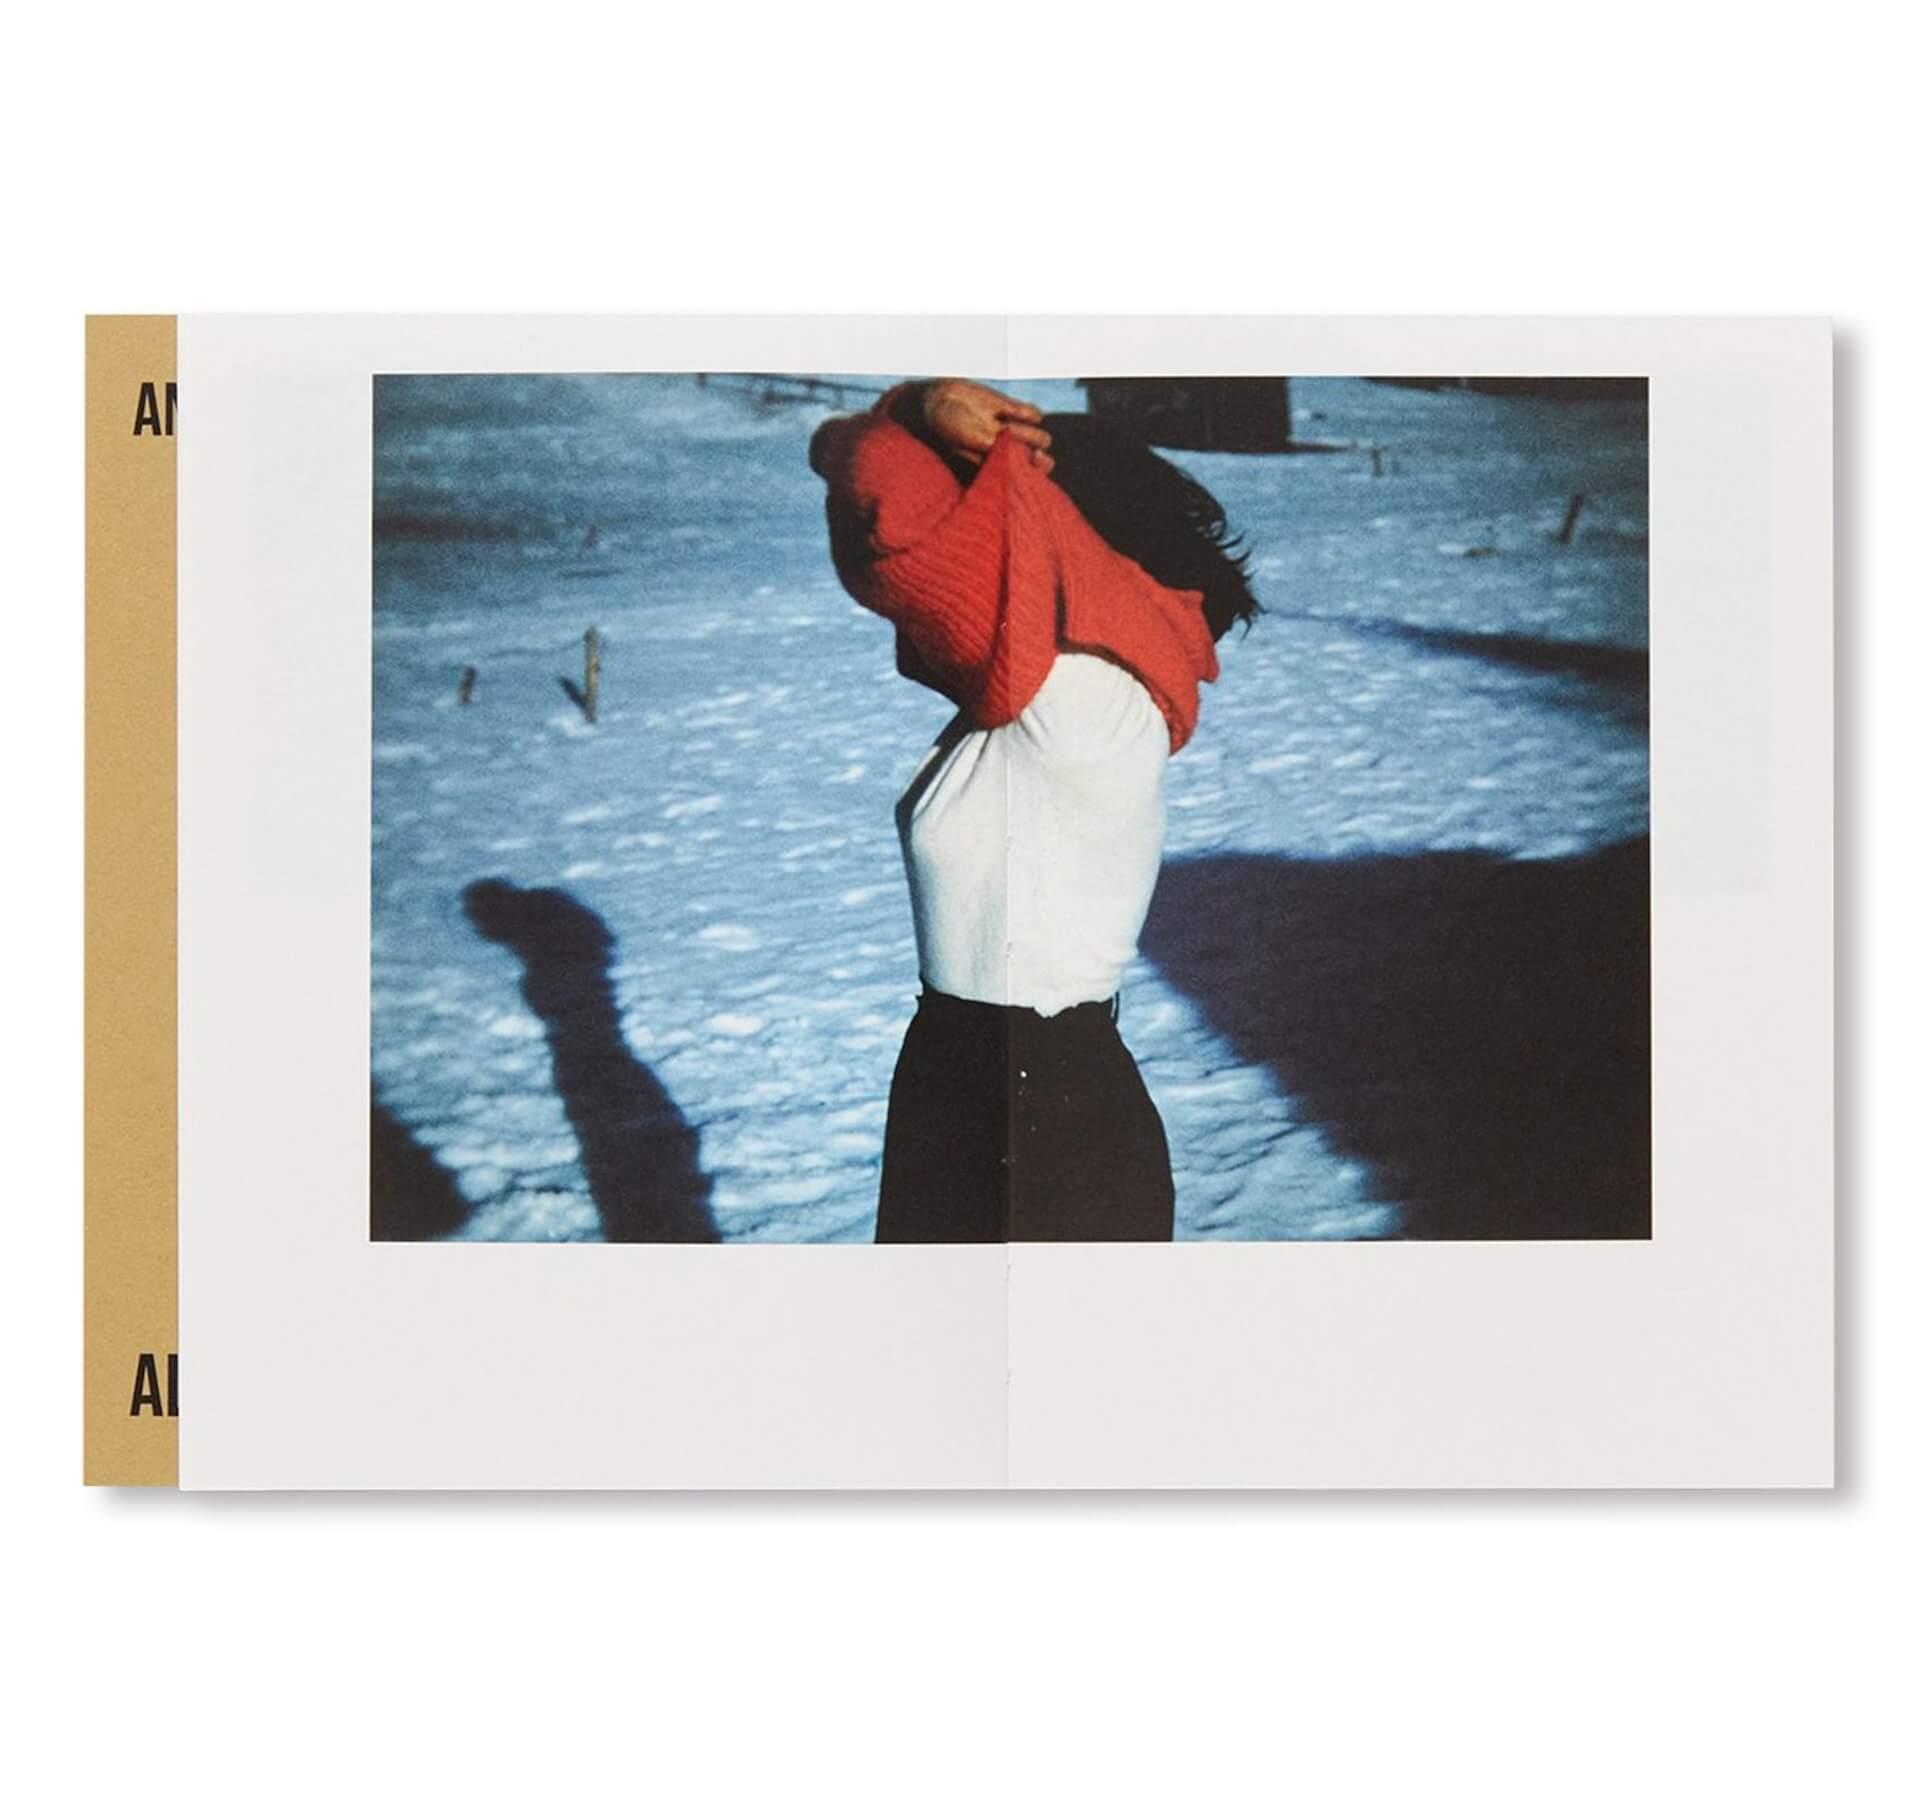 アートブックノススメ|Qetic編集部が選ぶ4冊/Alberto di Lenardo, Carlotta di Lenardo他 column210521_artbook-02